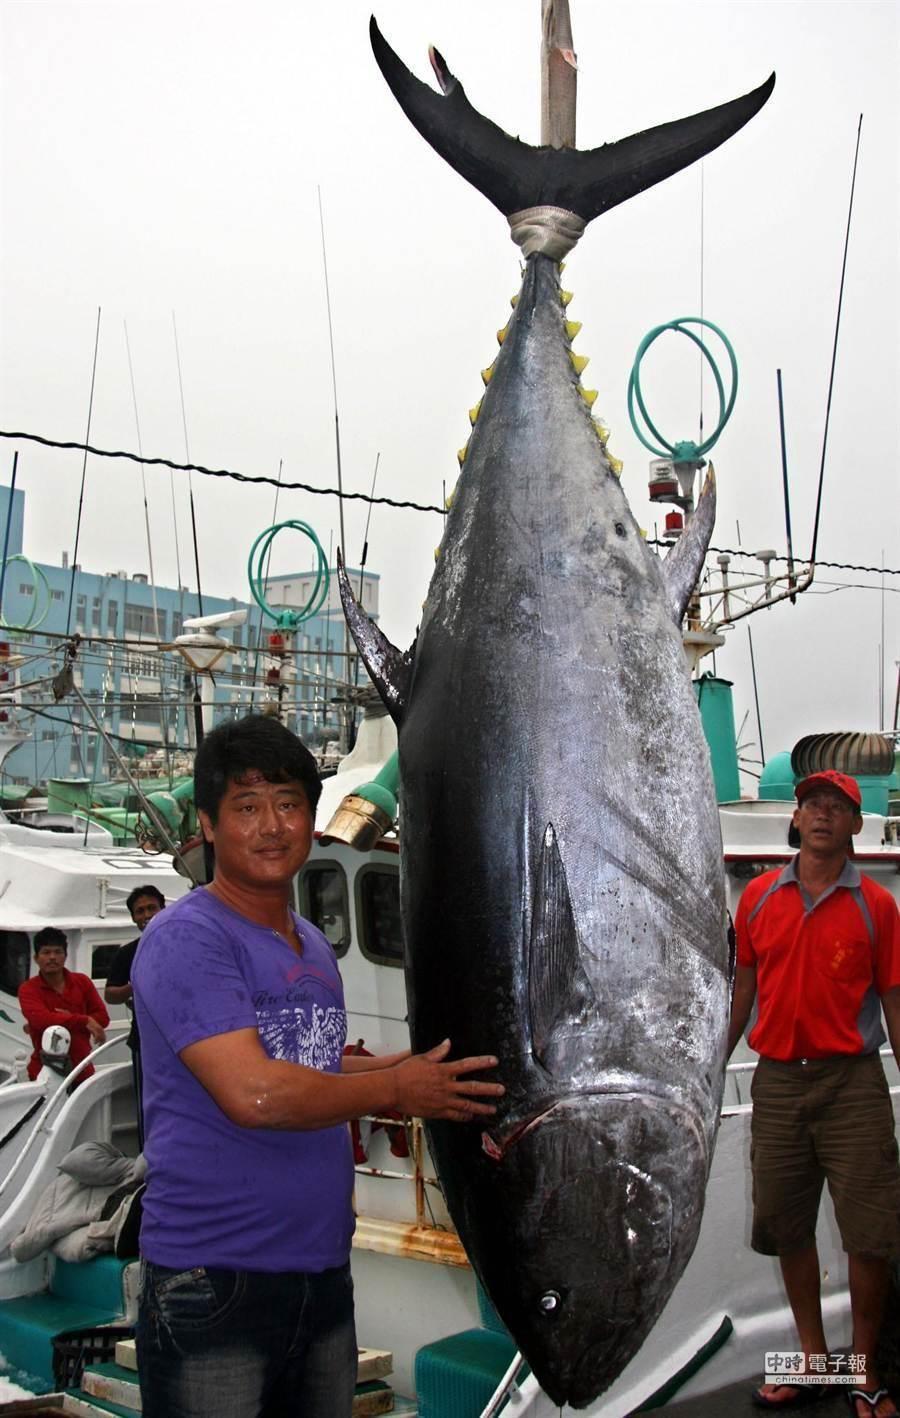 因黑鮪復育有成,學者預估今年「中西太平洋漁業管理組織」(WCPFC)北方委員會將討論增加捕撈配額。(資料照,潘建志攝)